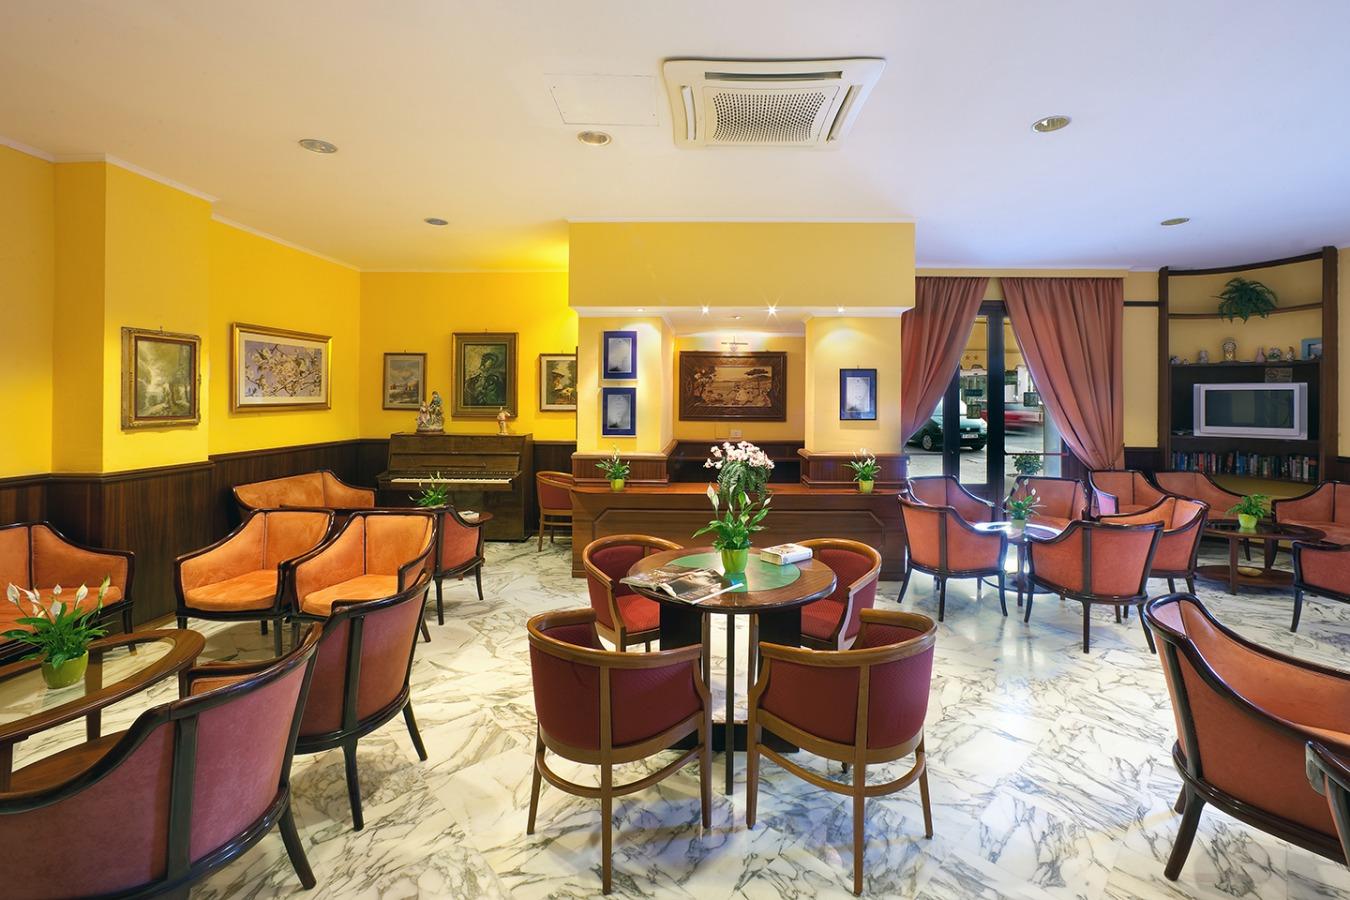 Hotel 4 stelle nel centro di sorrento for Hotel 4 stelle barcellona centro